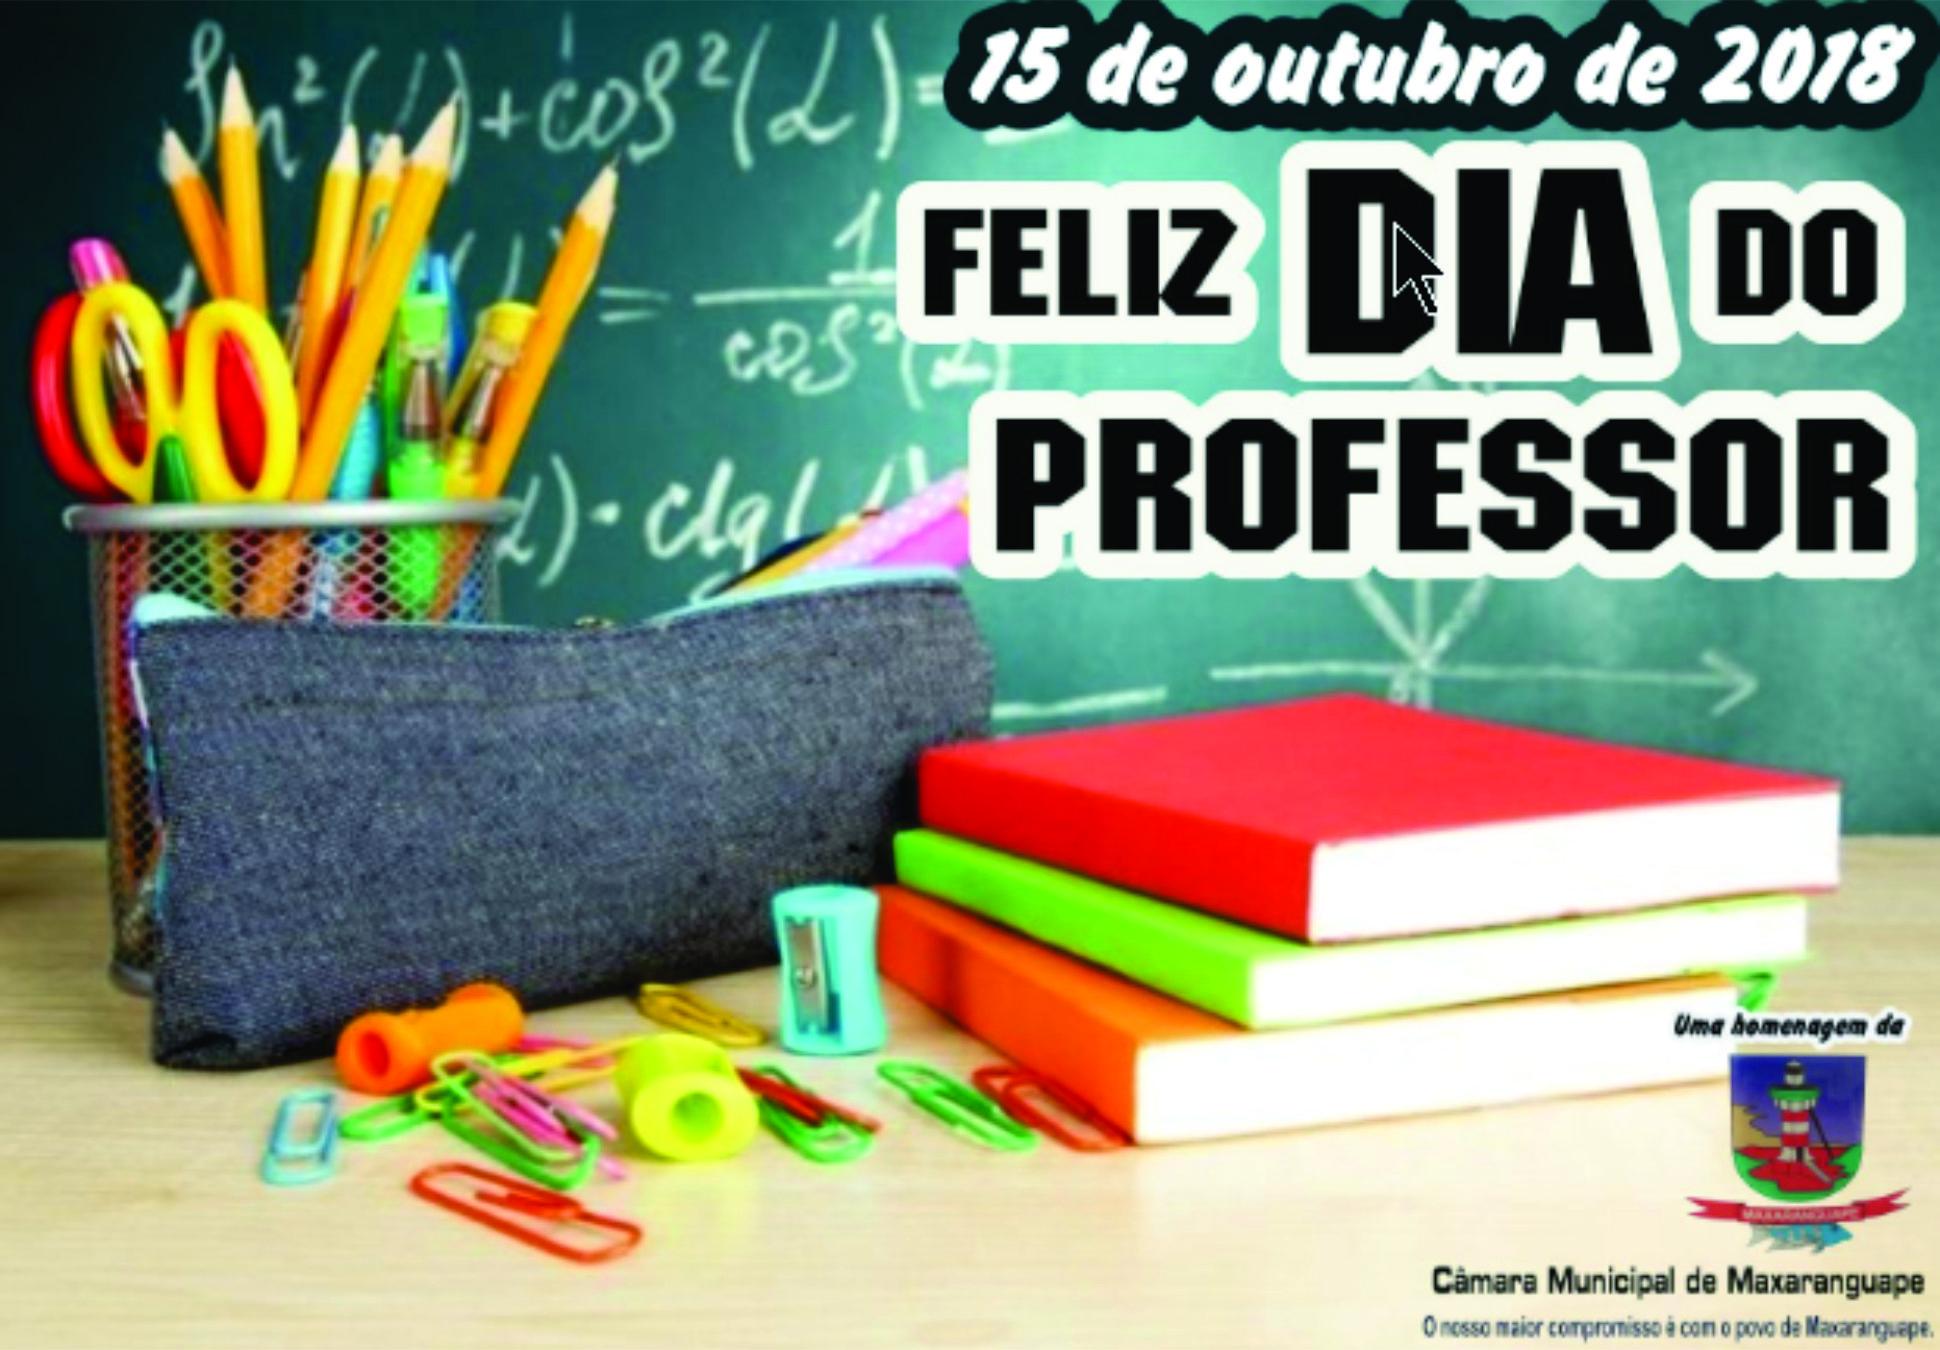 Câmara Municipal de Maxaranguape parabeniza a todos os professores pelo seu dia